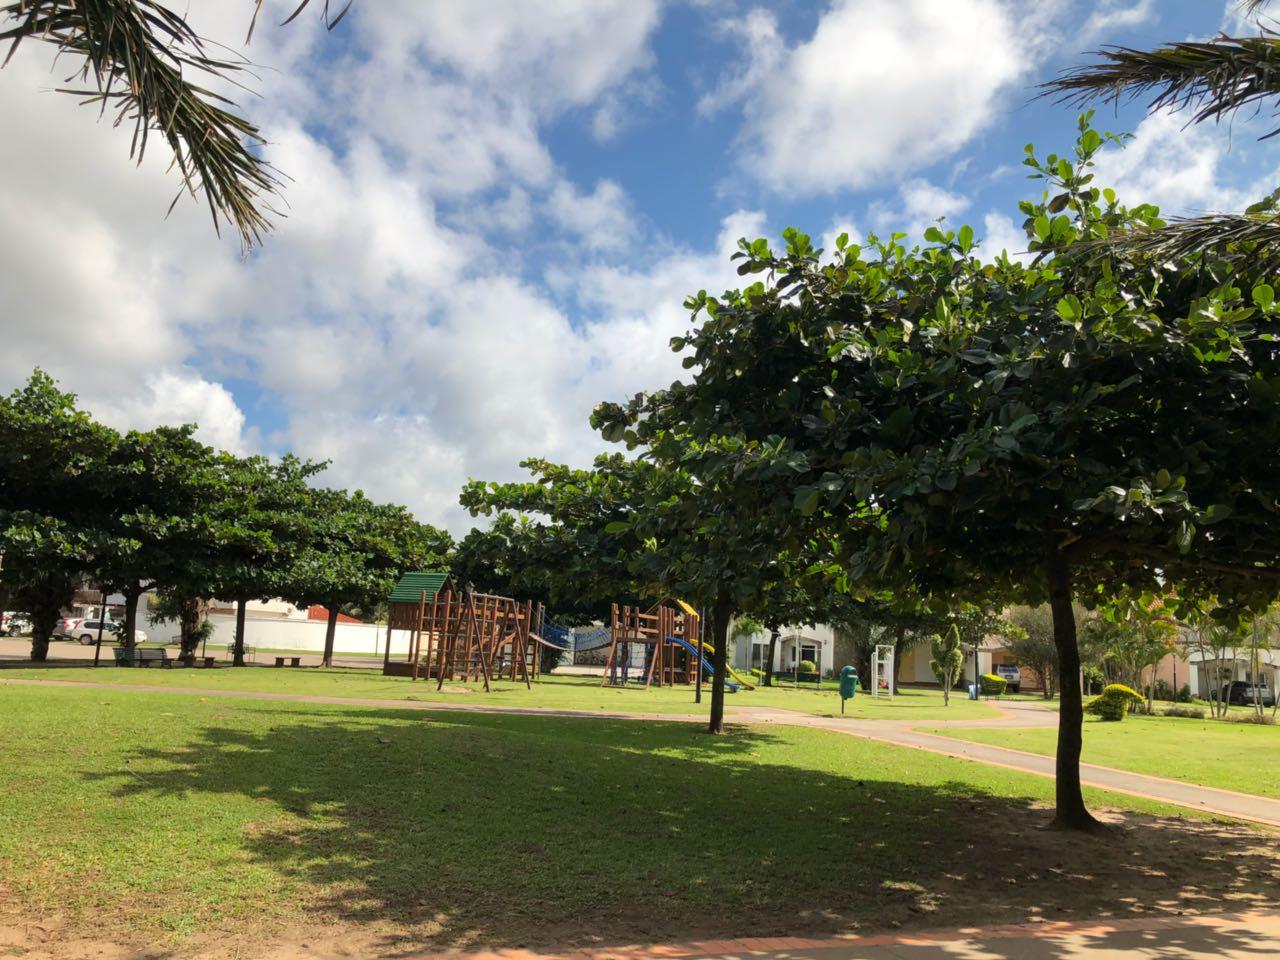 Casa en Alquiler CASA EN ALQUILER, URBANIZACIÓN LA HACIENDA I, ENTRE AV. BENI Y BANZER 5TO ANILLO Foto 15